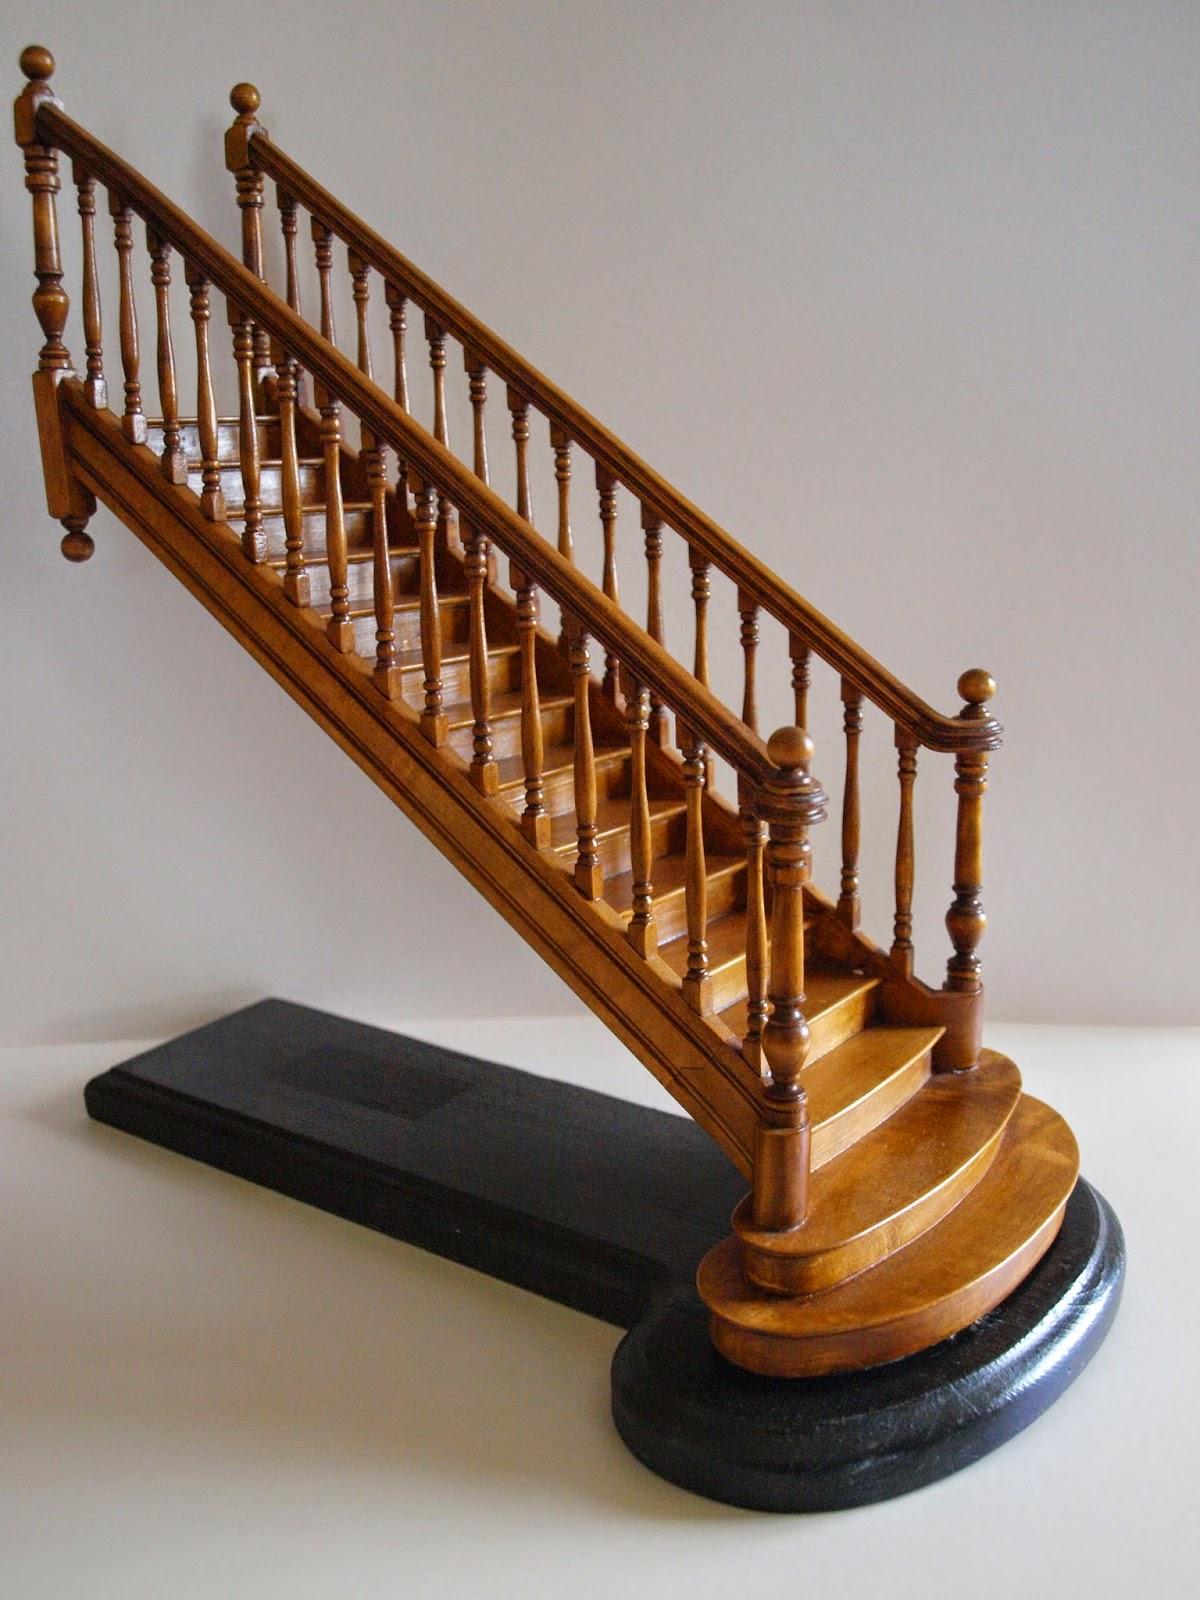 le monde en miniature les escaliers. Black Bedroom Furniture Sets. Home Design Ideas